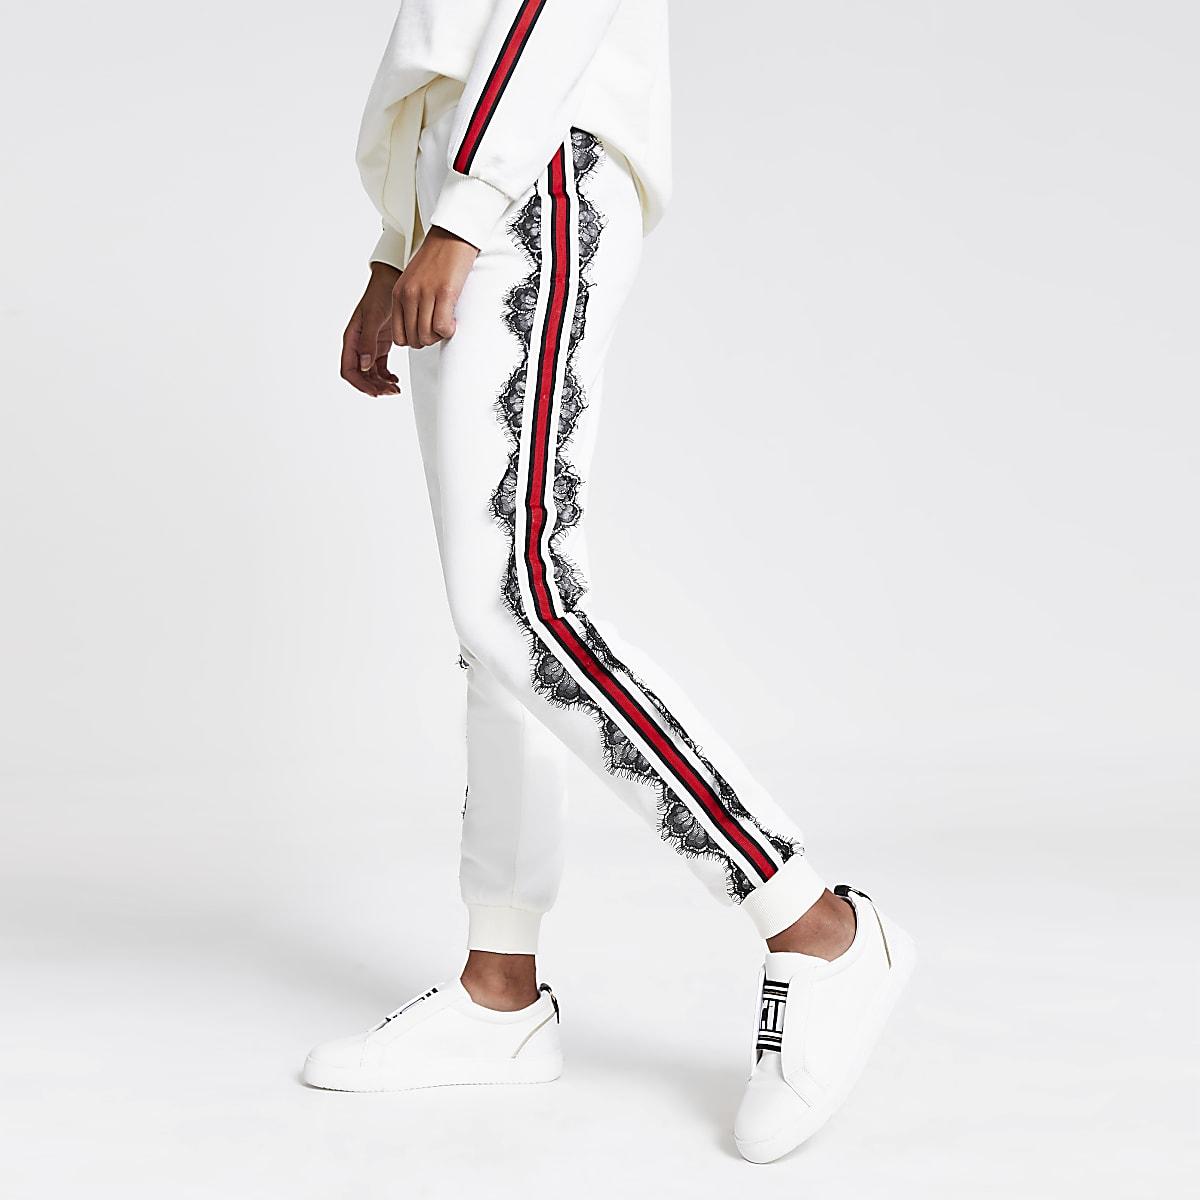 Witte joggingbroek met kanten en print op de zijkant